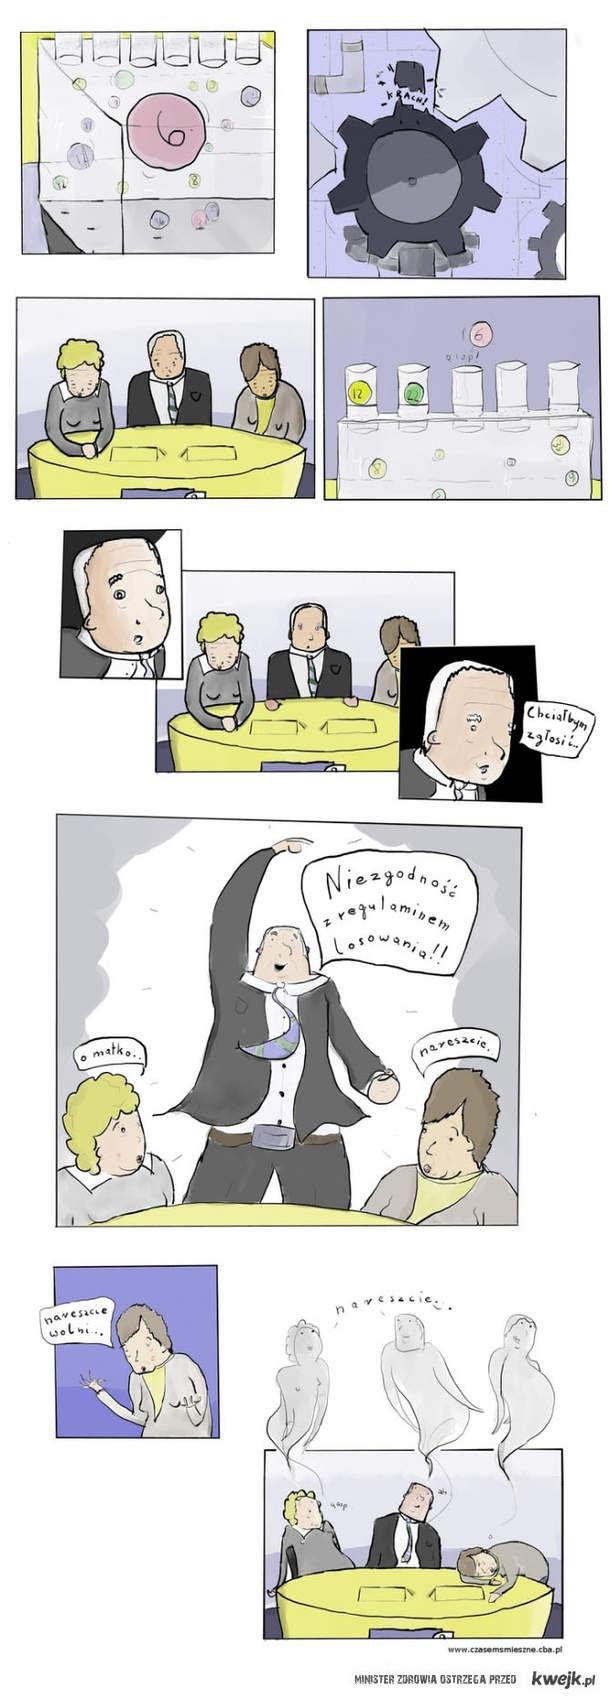 komisja kontroli gier i zakładów